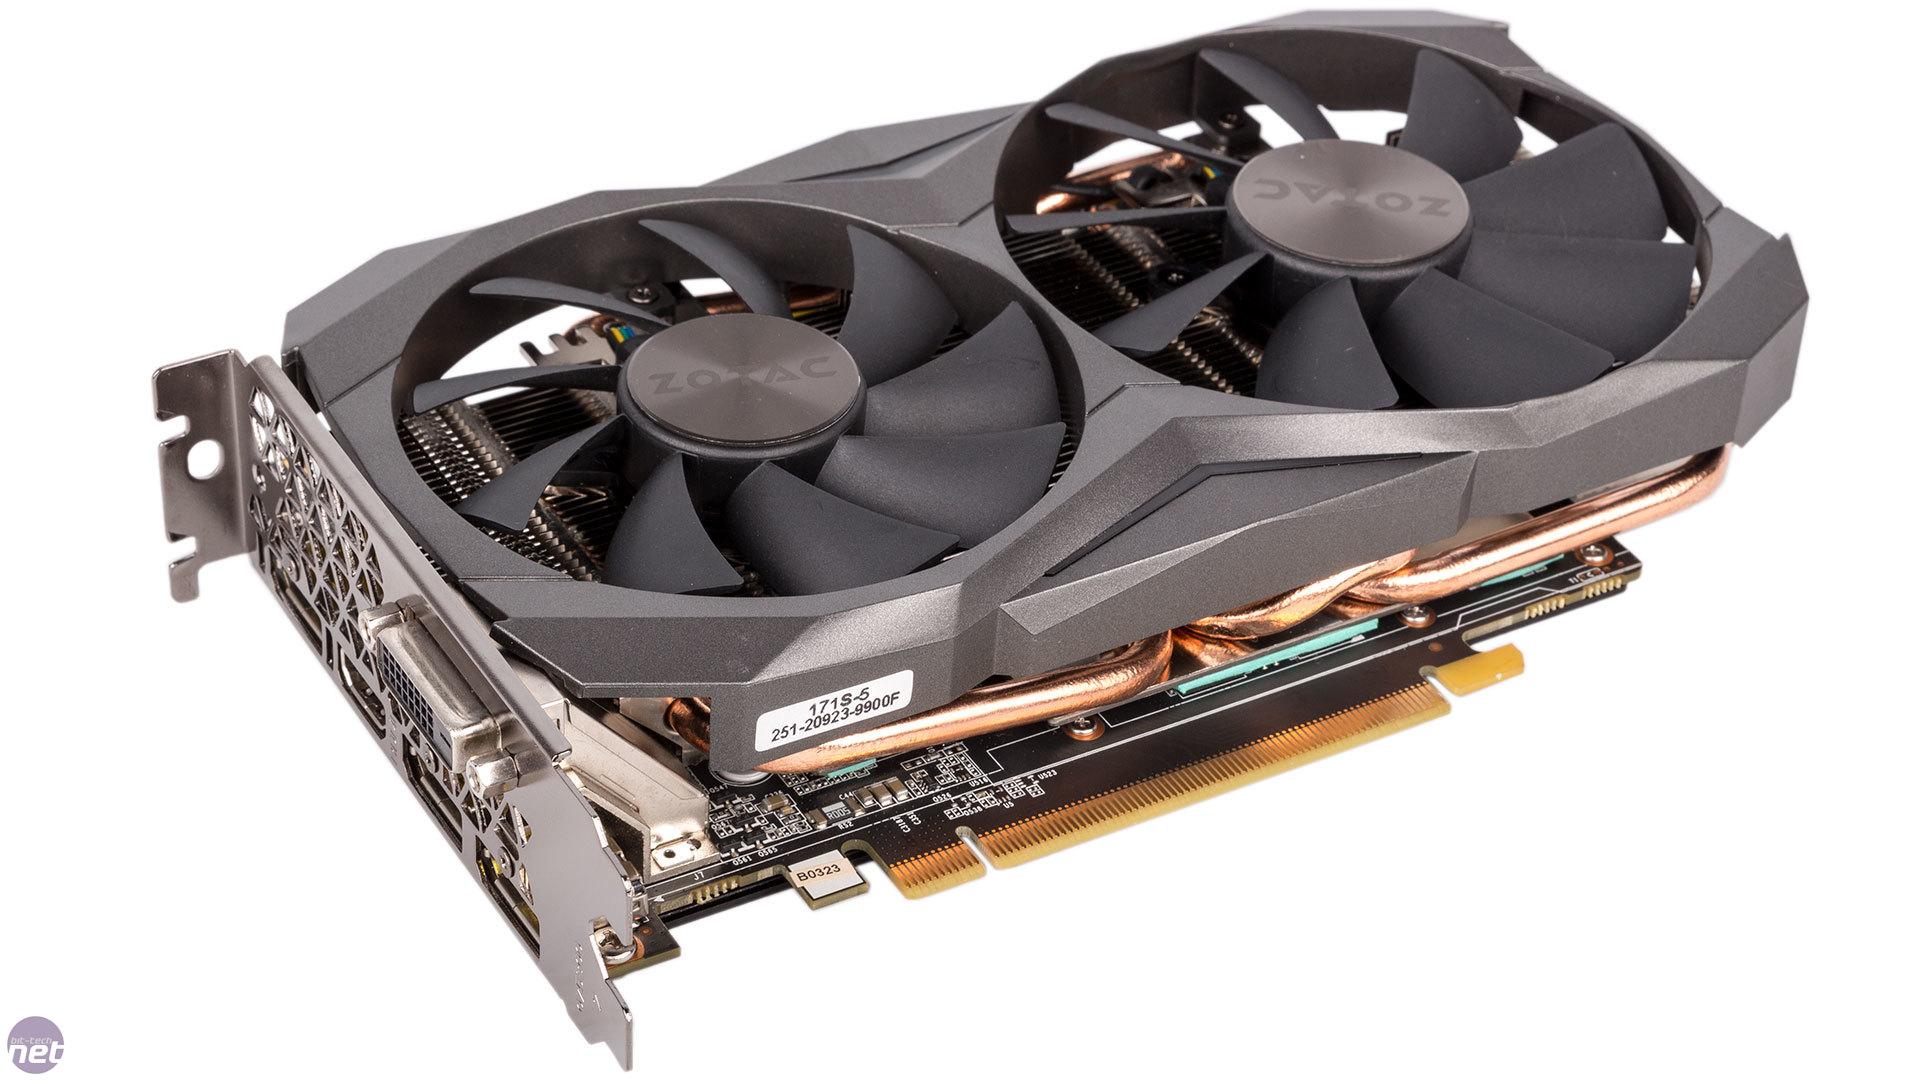 Zotac GeForce GTX 1080 Mini Review | bit-tech net